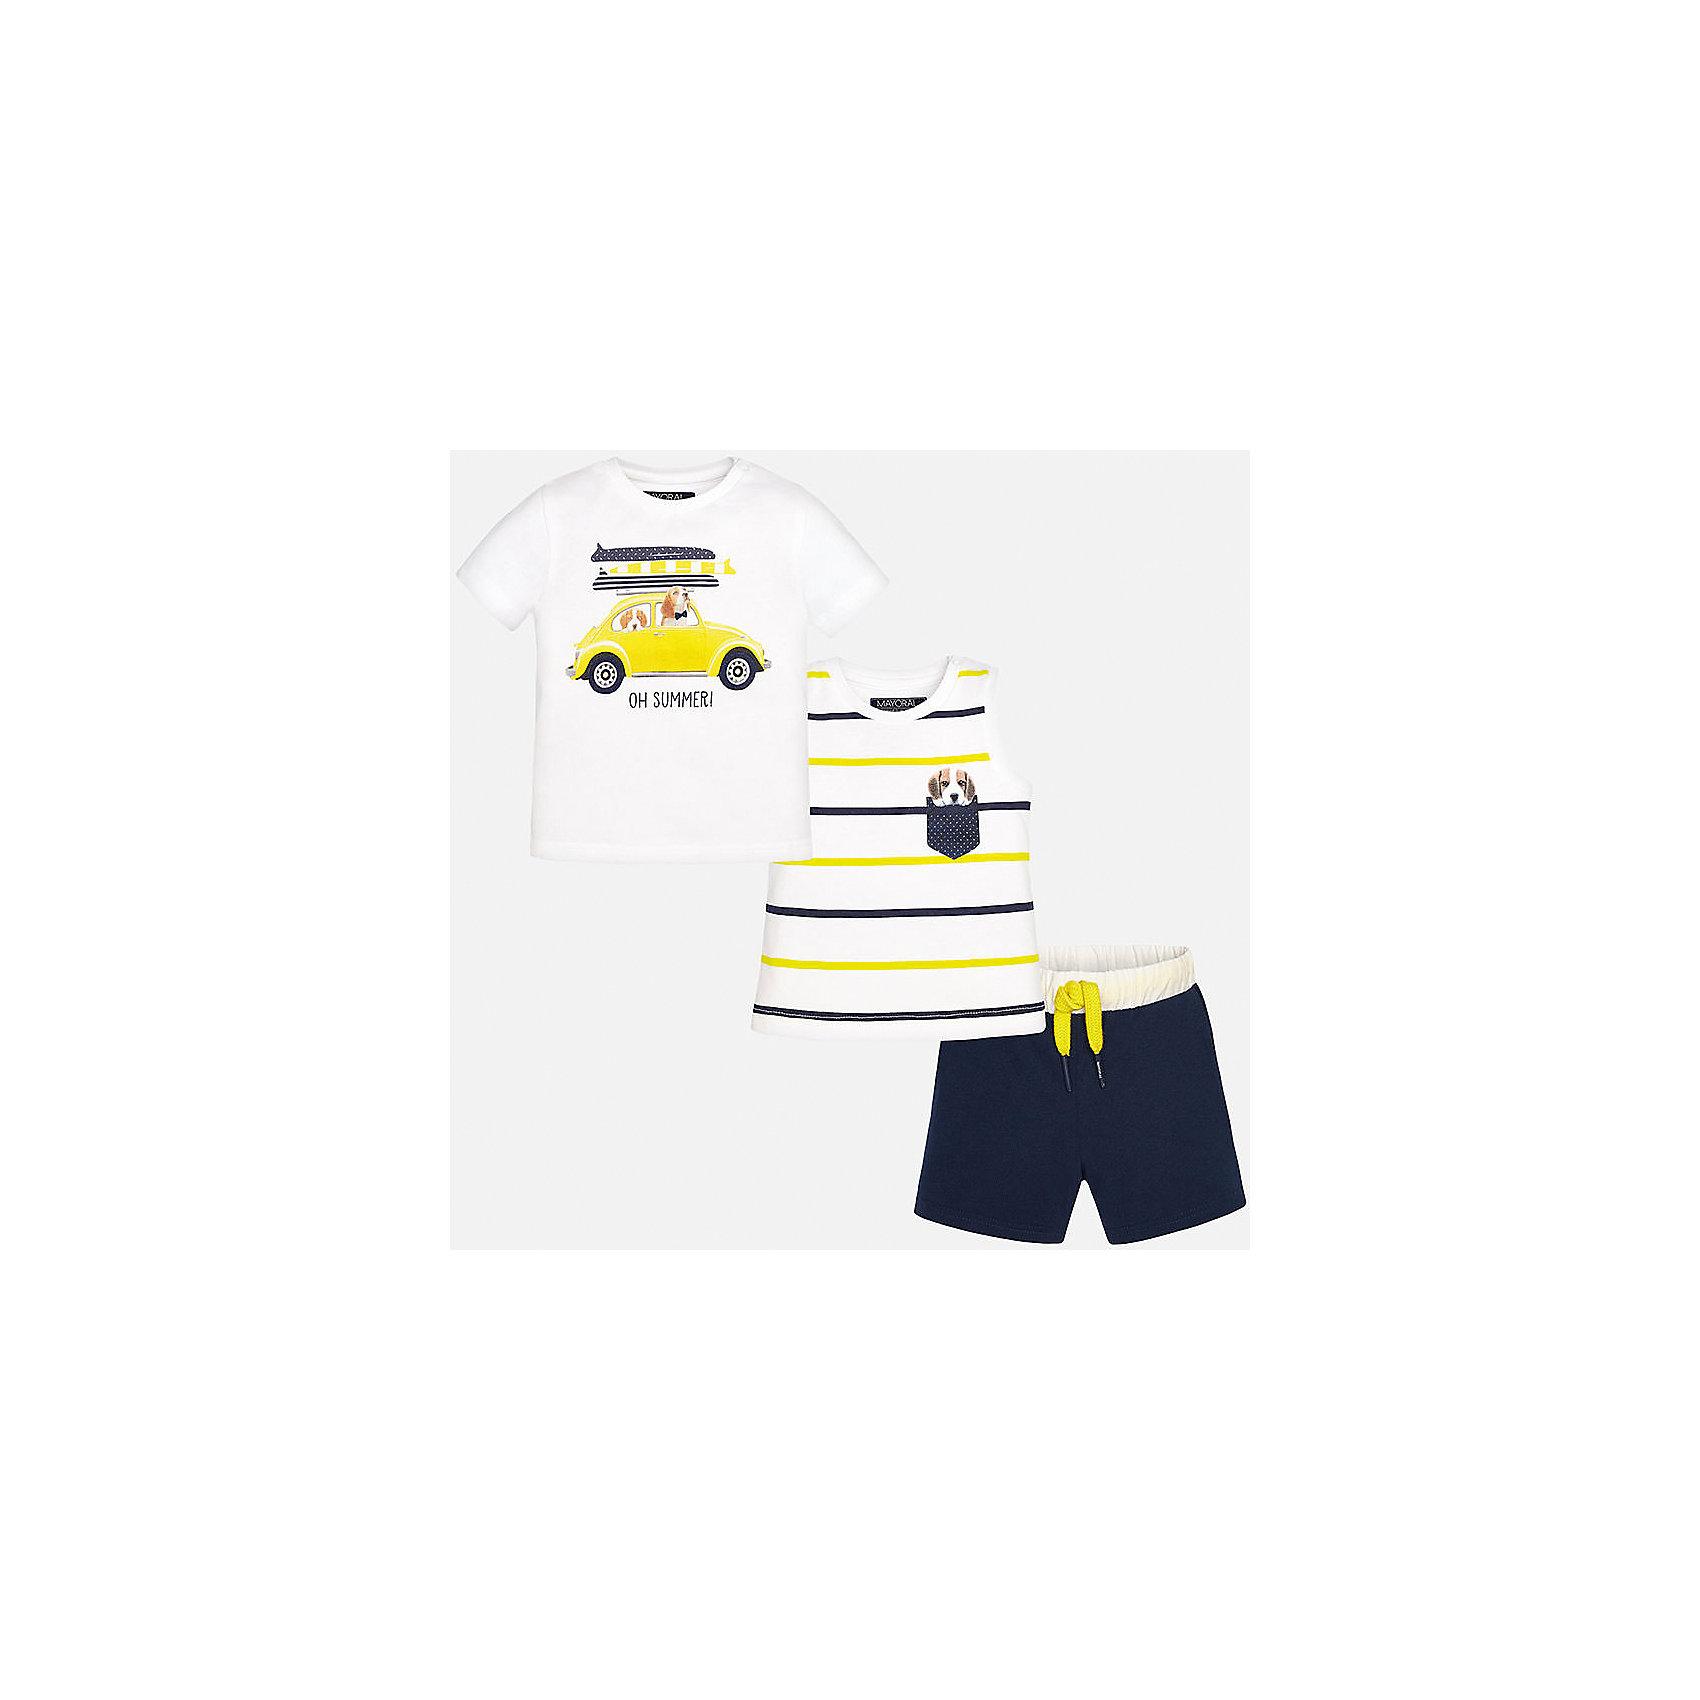 Комплект: футболка, майка и шорты для мальчика MayoralХарактеристики товара:<br><br>• цвет: белый/синий<br>• состав: 100% хлопок<br>• комплектация: футболка, майка, шорты<br>• футболка декорирована принтом<br>• короткие рукава<br>• в поясе шнурок<br>• страна бренда: Испания<br><br>Красивый качественный комплект для мальчика поможет разнообразить гардероб ребенка и удобно одеться в теплую погоду. Он отлично сочетается с другими предметами. Универсальный цвет позволяет подобрать к вещам верхнюю одежду практически любой расцветки. Интересная отделка модели делает её нарядной и оригинальной. В составе материала - только натуральный хлопок, гипоаллергенный, приятный на ощупь, дышащий.<br><br>Одежда, обувь и аксессуары от испанского бренда Mayoral полюбились детям и взрослым по всему миру. Модели этой марки - стильные и удобные. Для их производства используются только безопасные, качественные материалы и фурнитура. Порадуйте ребенка модными и красивыми вещами от Mayoral! <br><br>Комплект для мальчика от испанского бренда Mayoral (Майорал) можно купить в нашем интернет-магазине.<br><br>Ширина мм: 157<br>Глубина мм: 13<br>Высота мм: 119<br>Вес г: 200<br>Цвет: синий<br>Возраст от месяцев: 12<br>Возраст до месяцев: 15<br>Пол: Мужской<br>Возраст: Детский<br>Размер: 80,92,86<br>SKU: 5279697